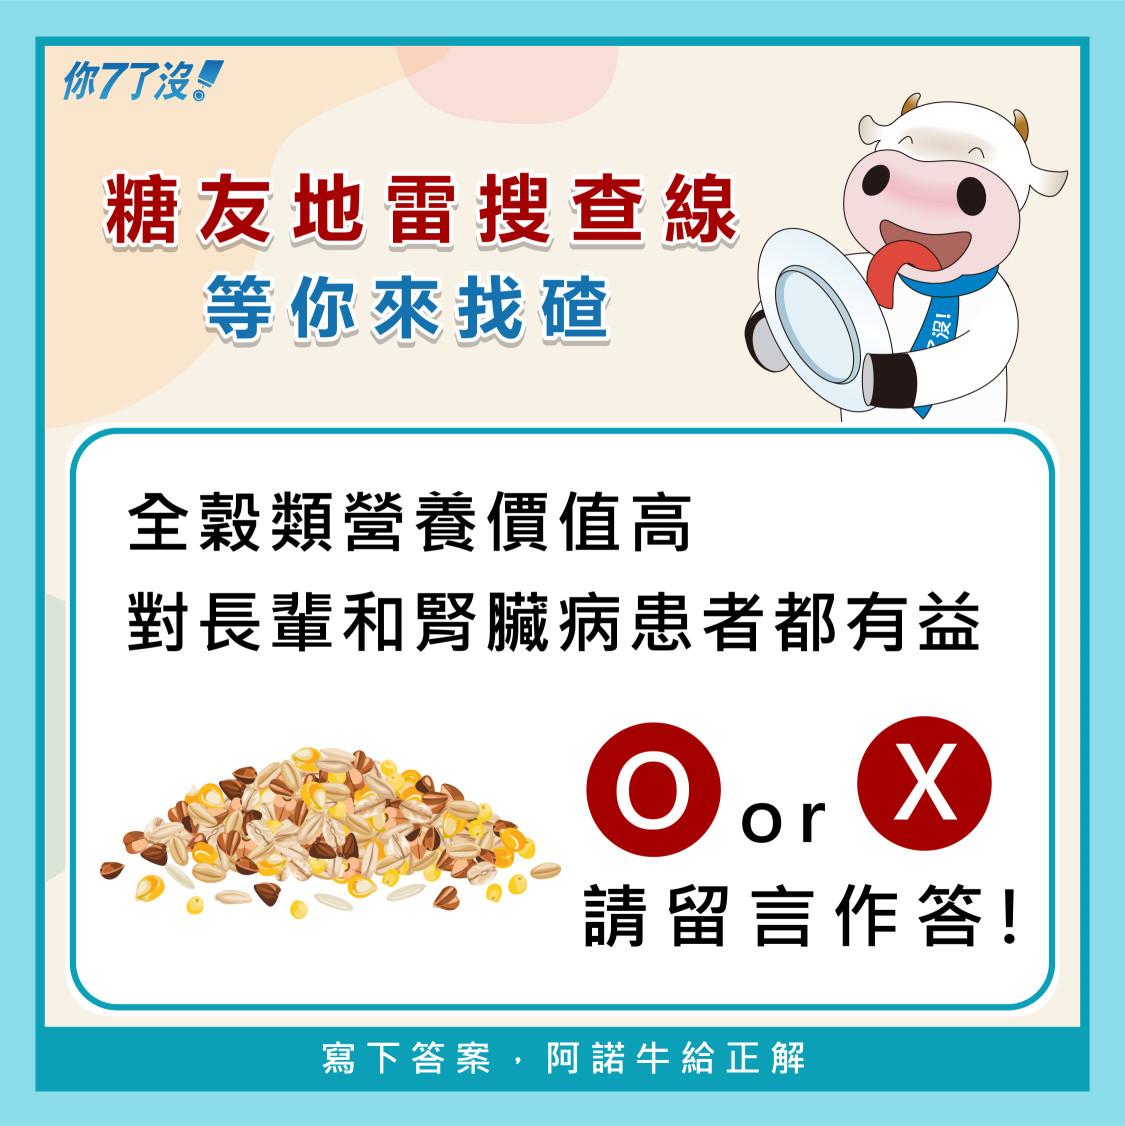 糙米、燕麥、紫米等等全穀物營養價值高,但長輩和腎臟病患者要小心食用